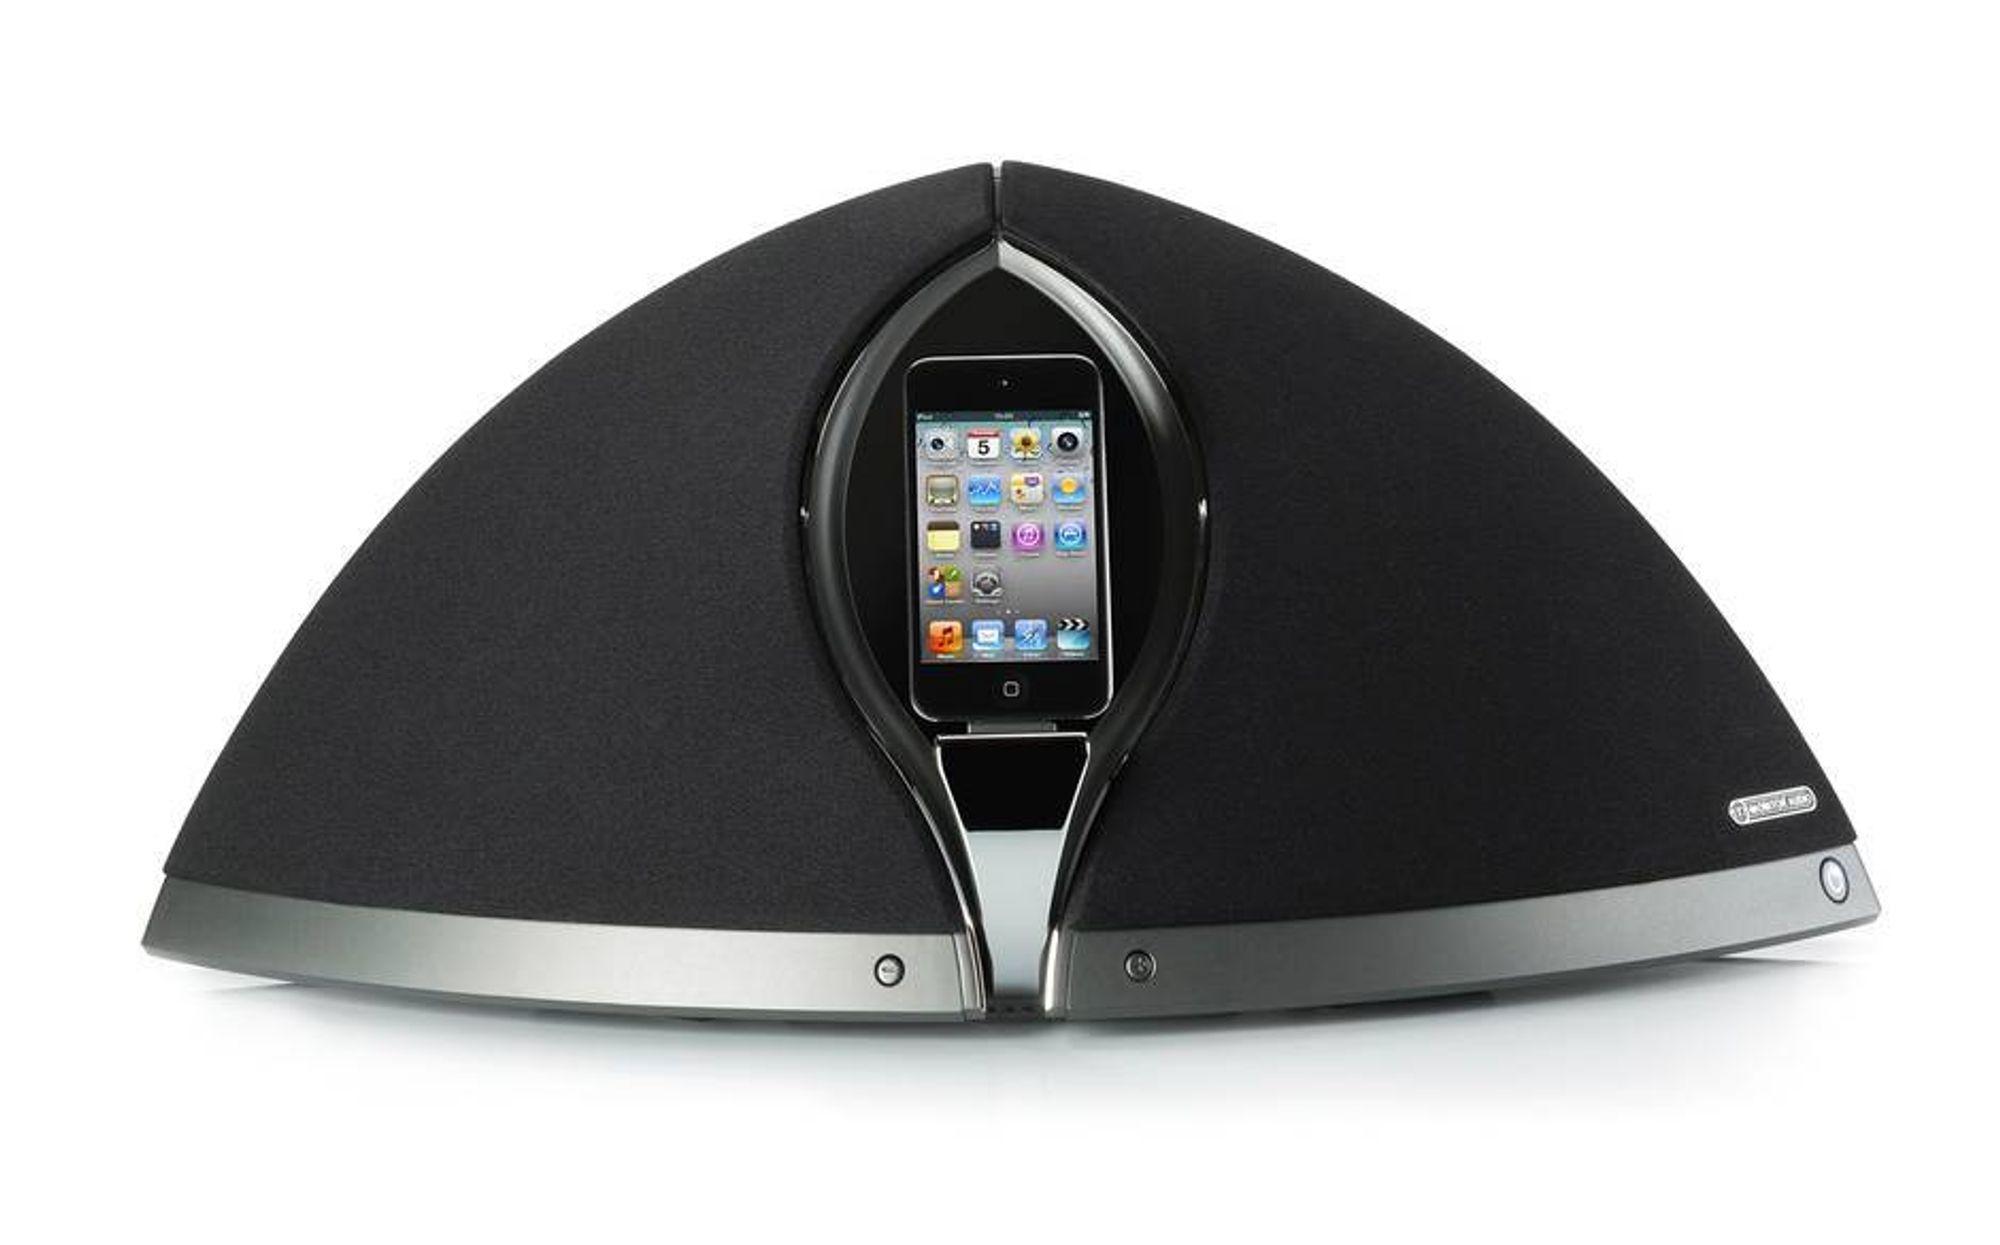 iPhone-dokking med imponerende lyd